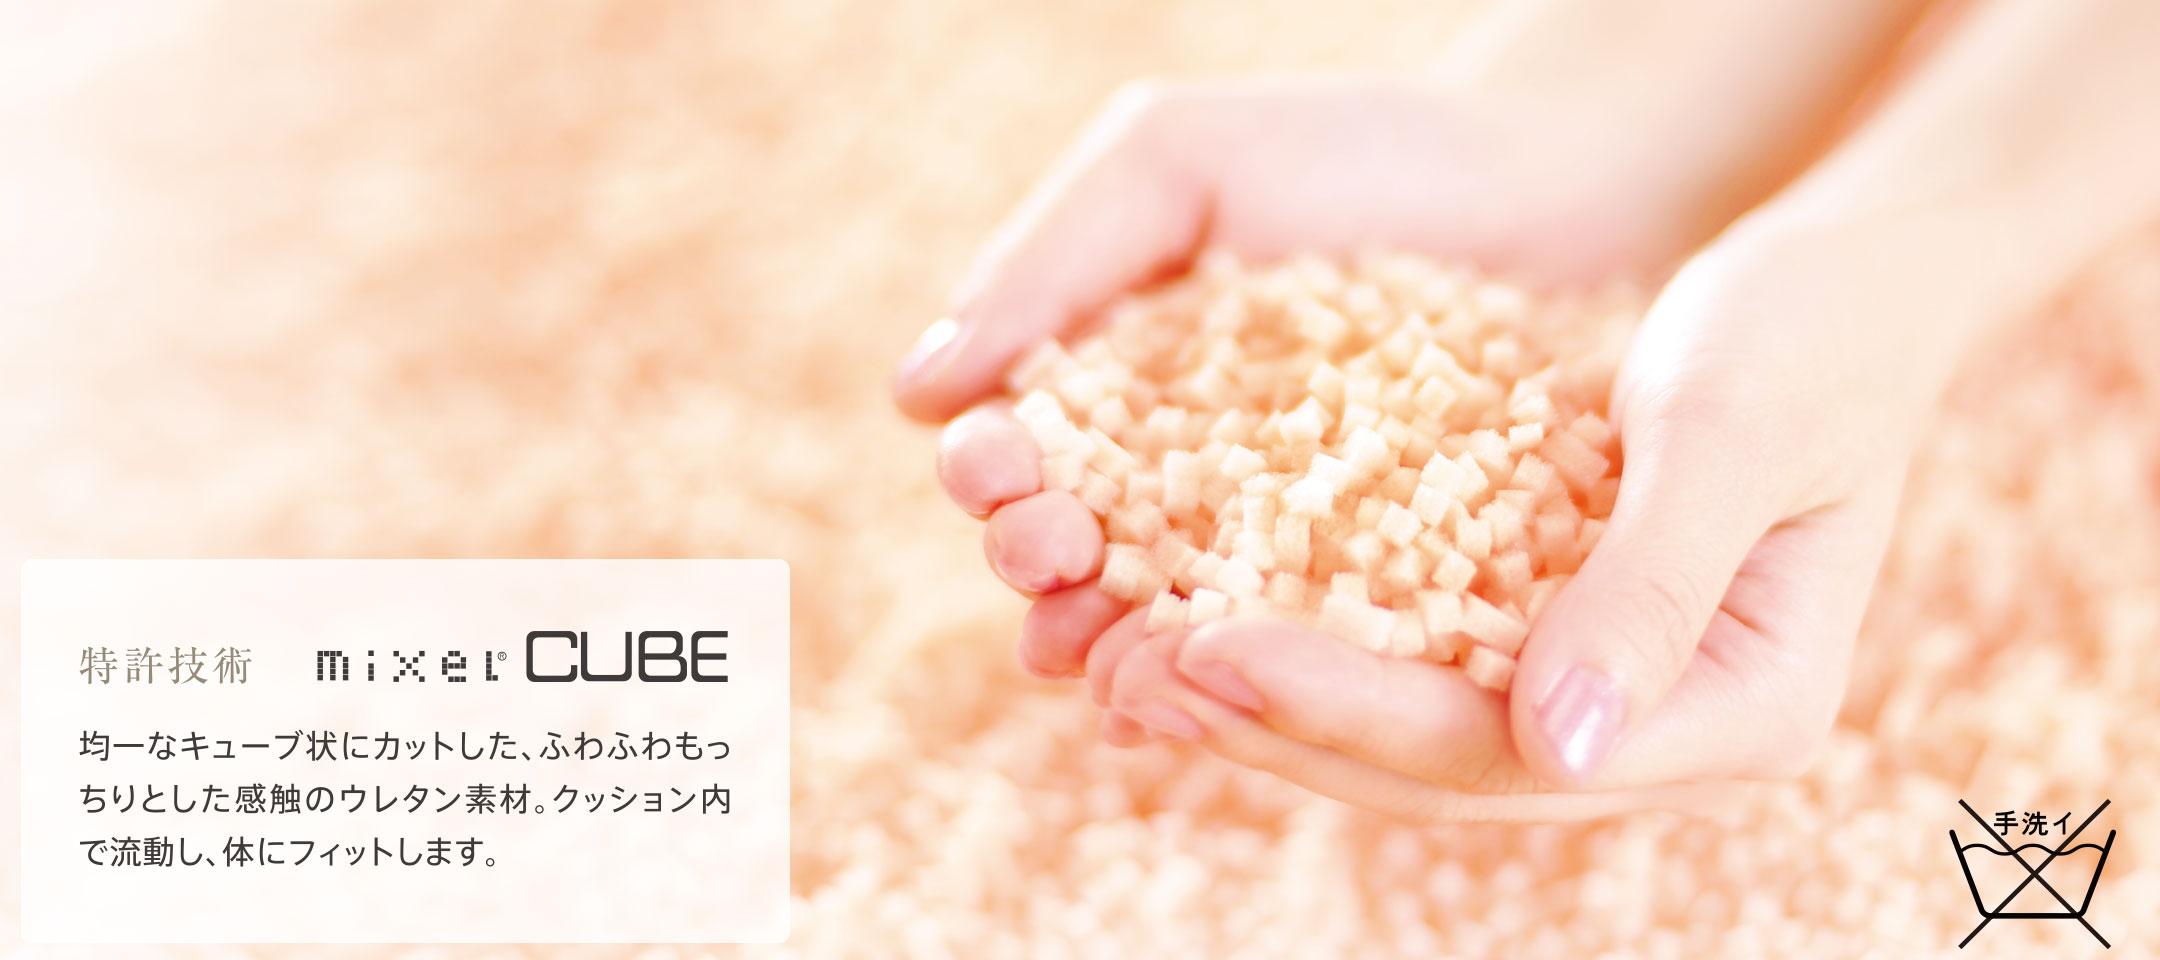 特許技術 mixel®CUBE 均一なキューブ状にカットしたふわふわもっちりとした感触のウレタン素材。クッション内で流動し、体にフィットします。